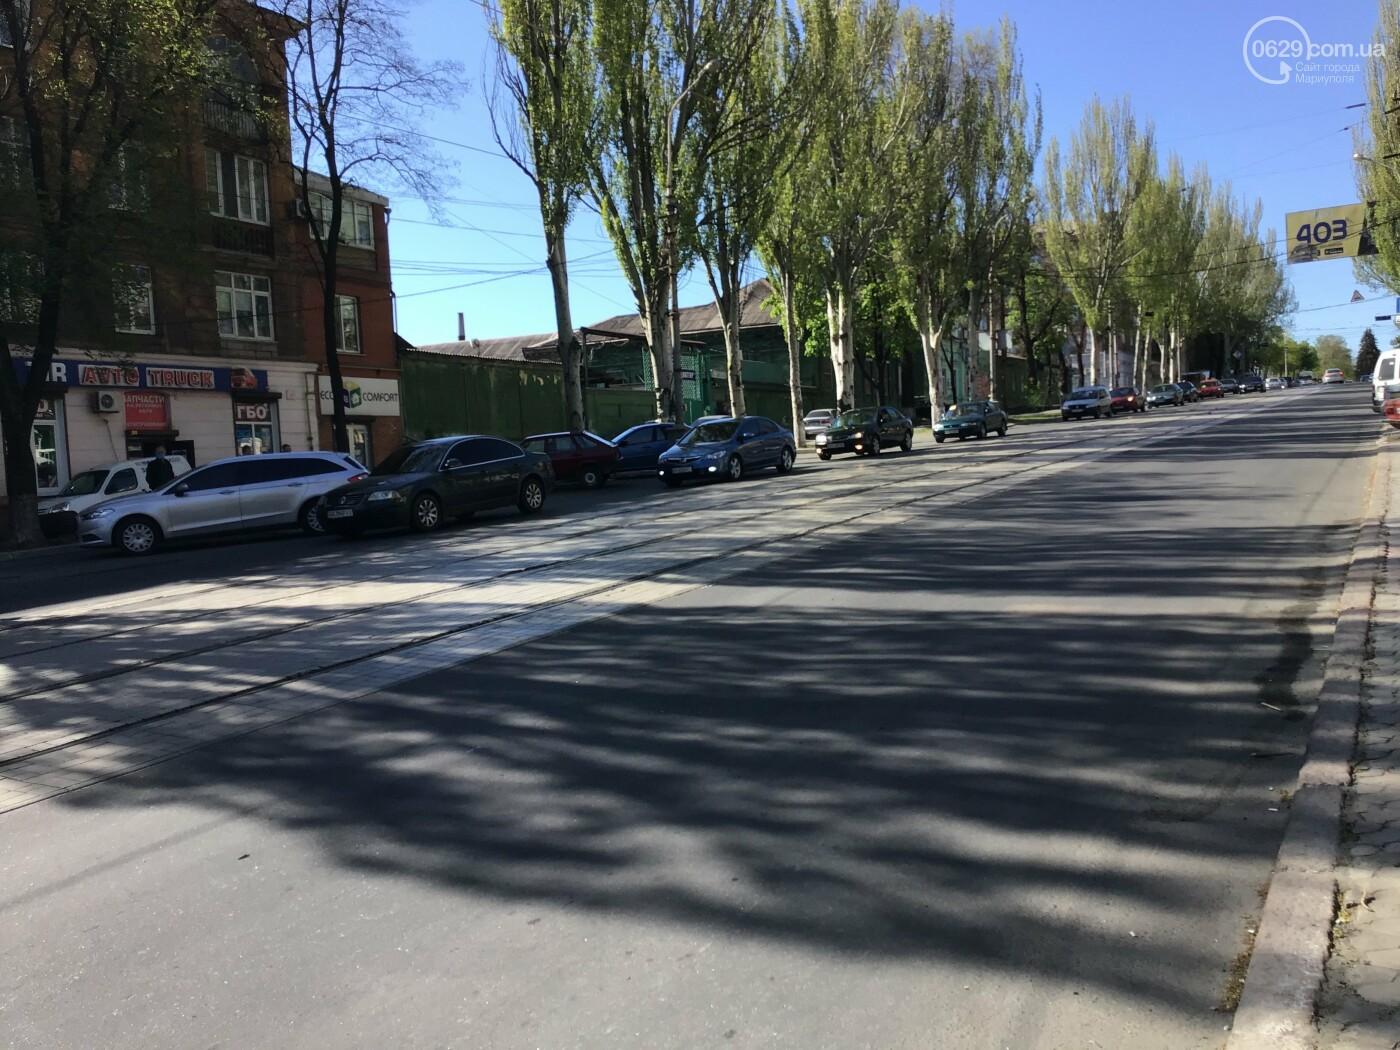 Автопробег в поддержку малого бизнеса: в Мариуполе митинговали машины, - ФОТО, ВИДЕО, фото-8